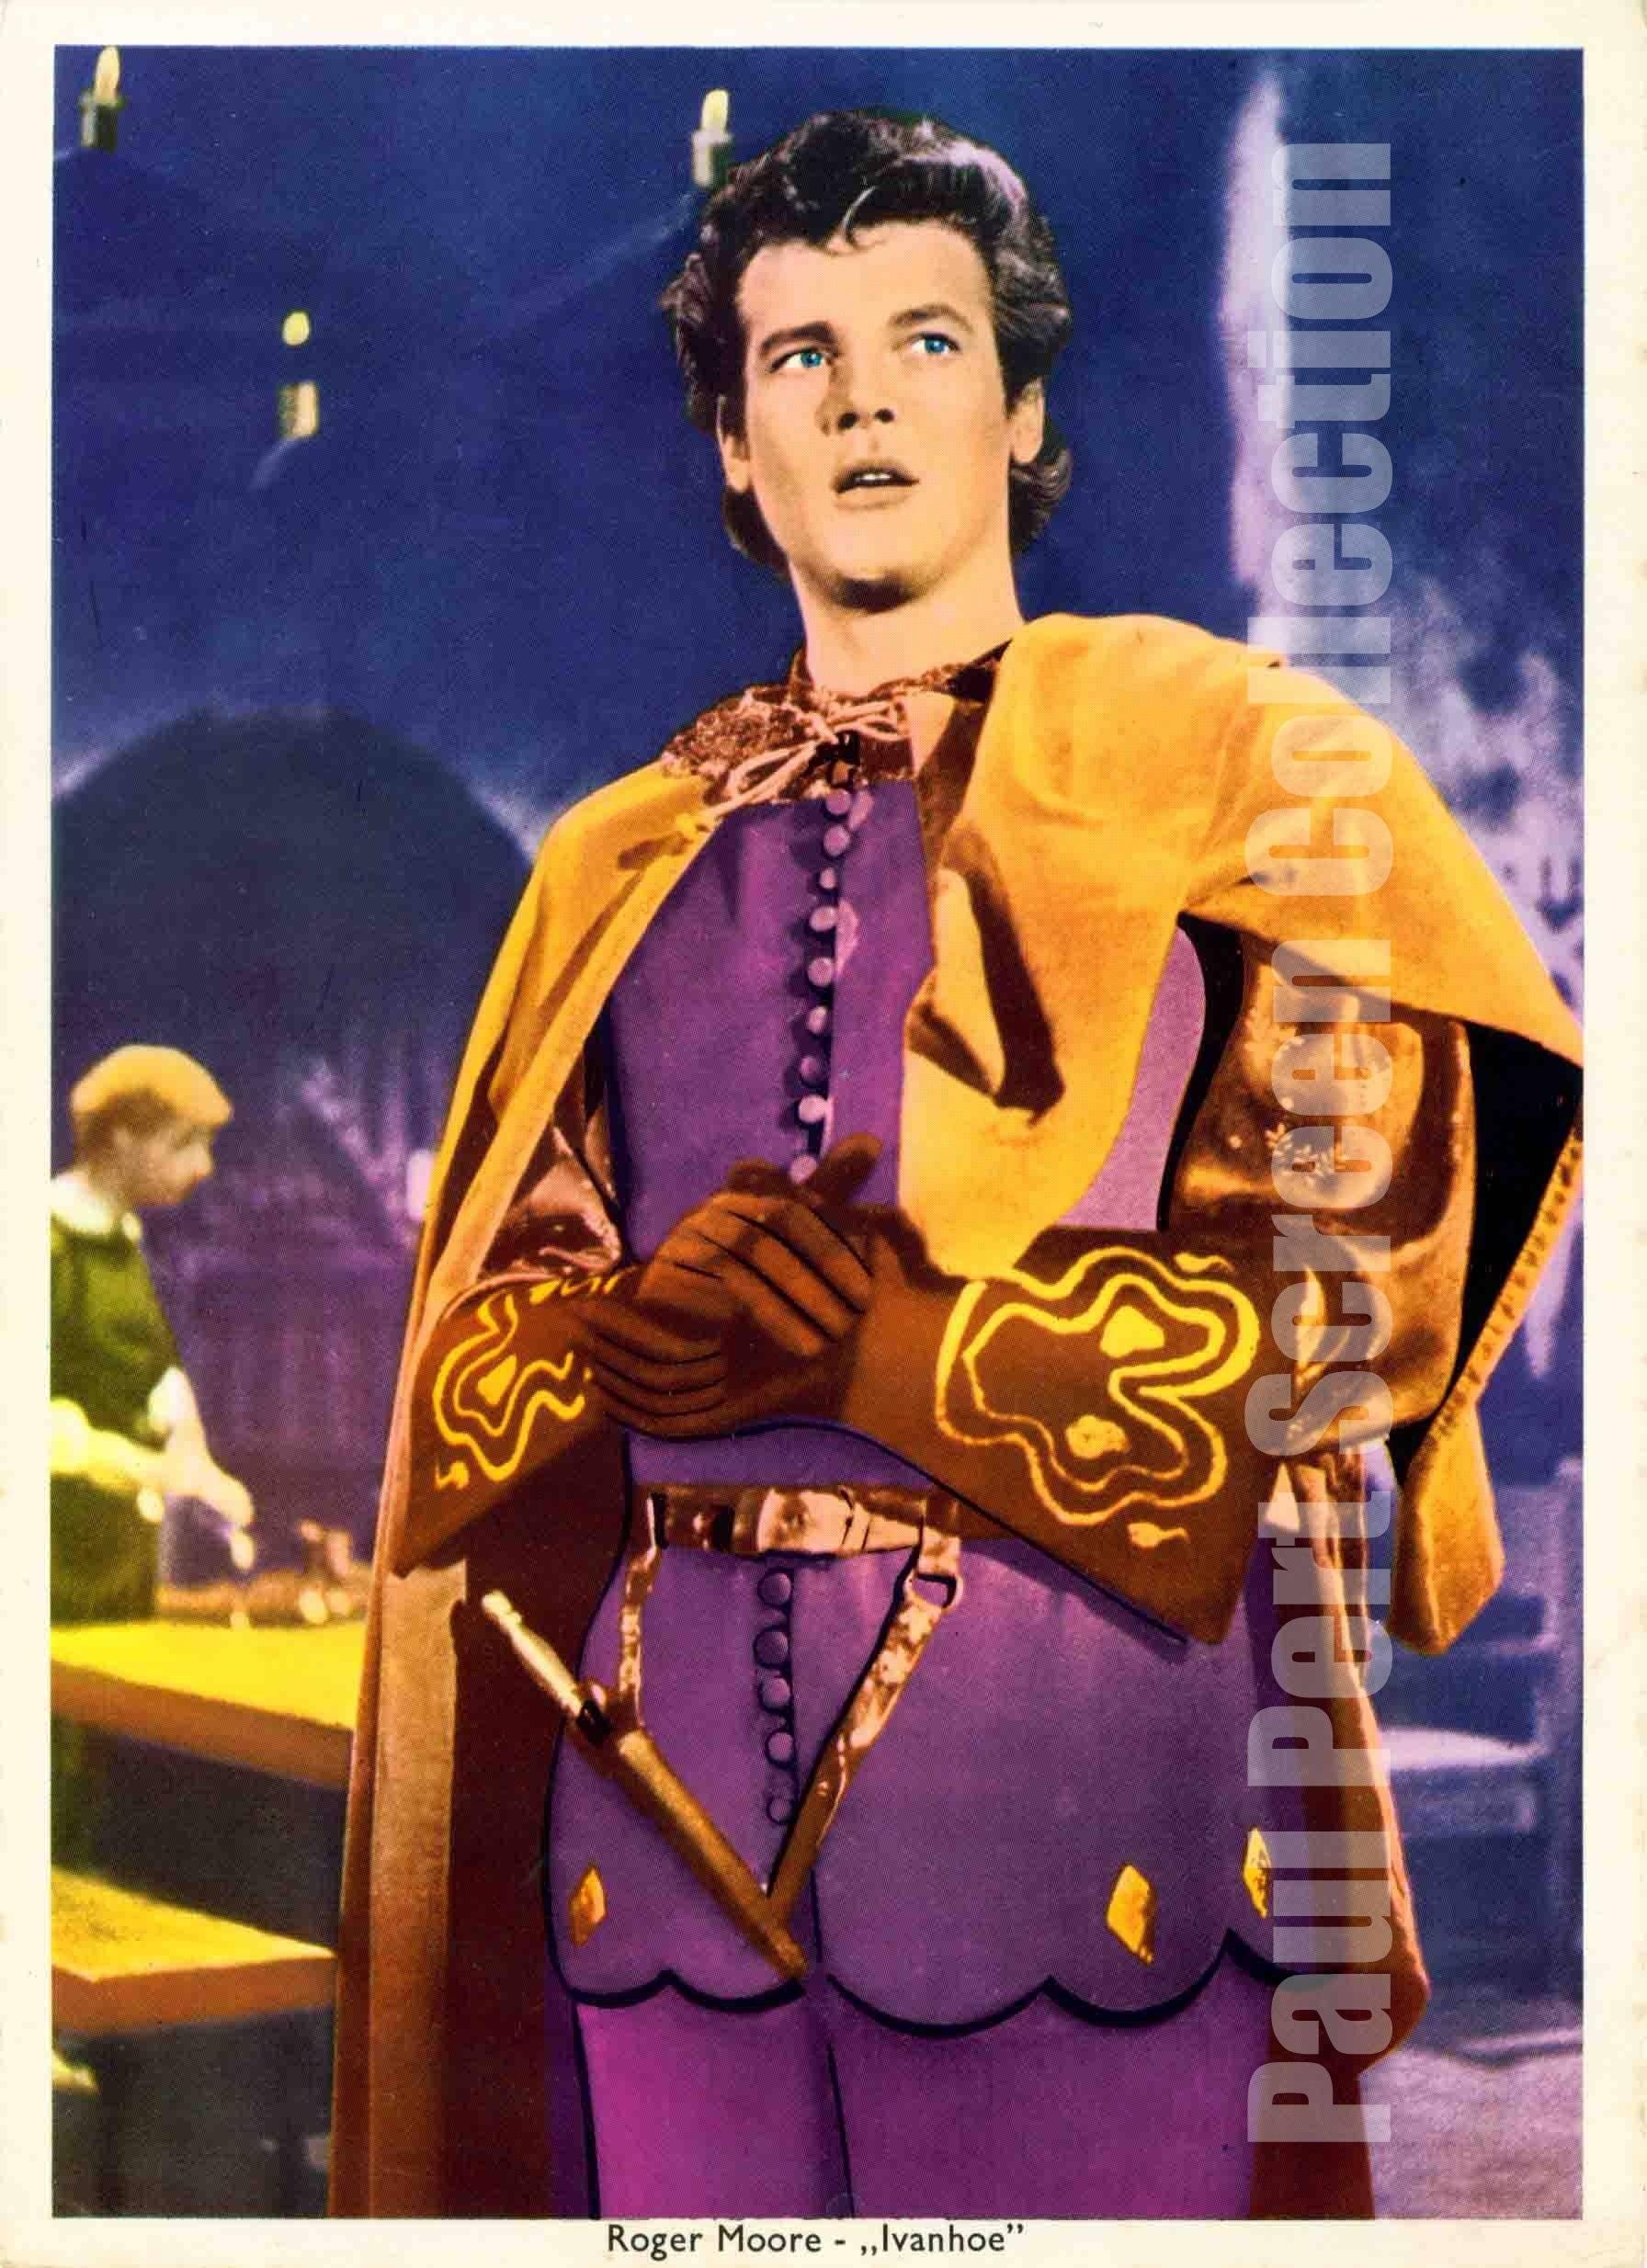 Ivanhoe (Roger Moore)